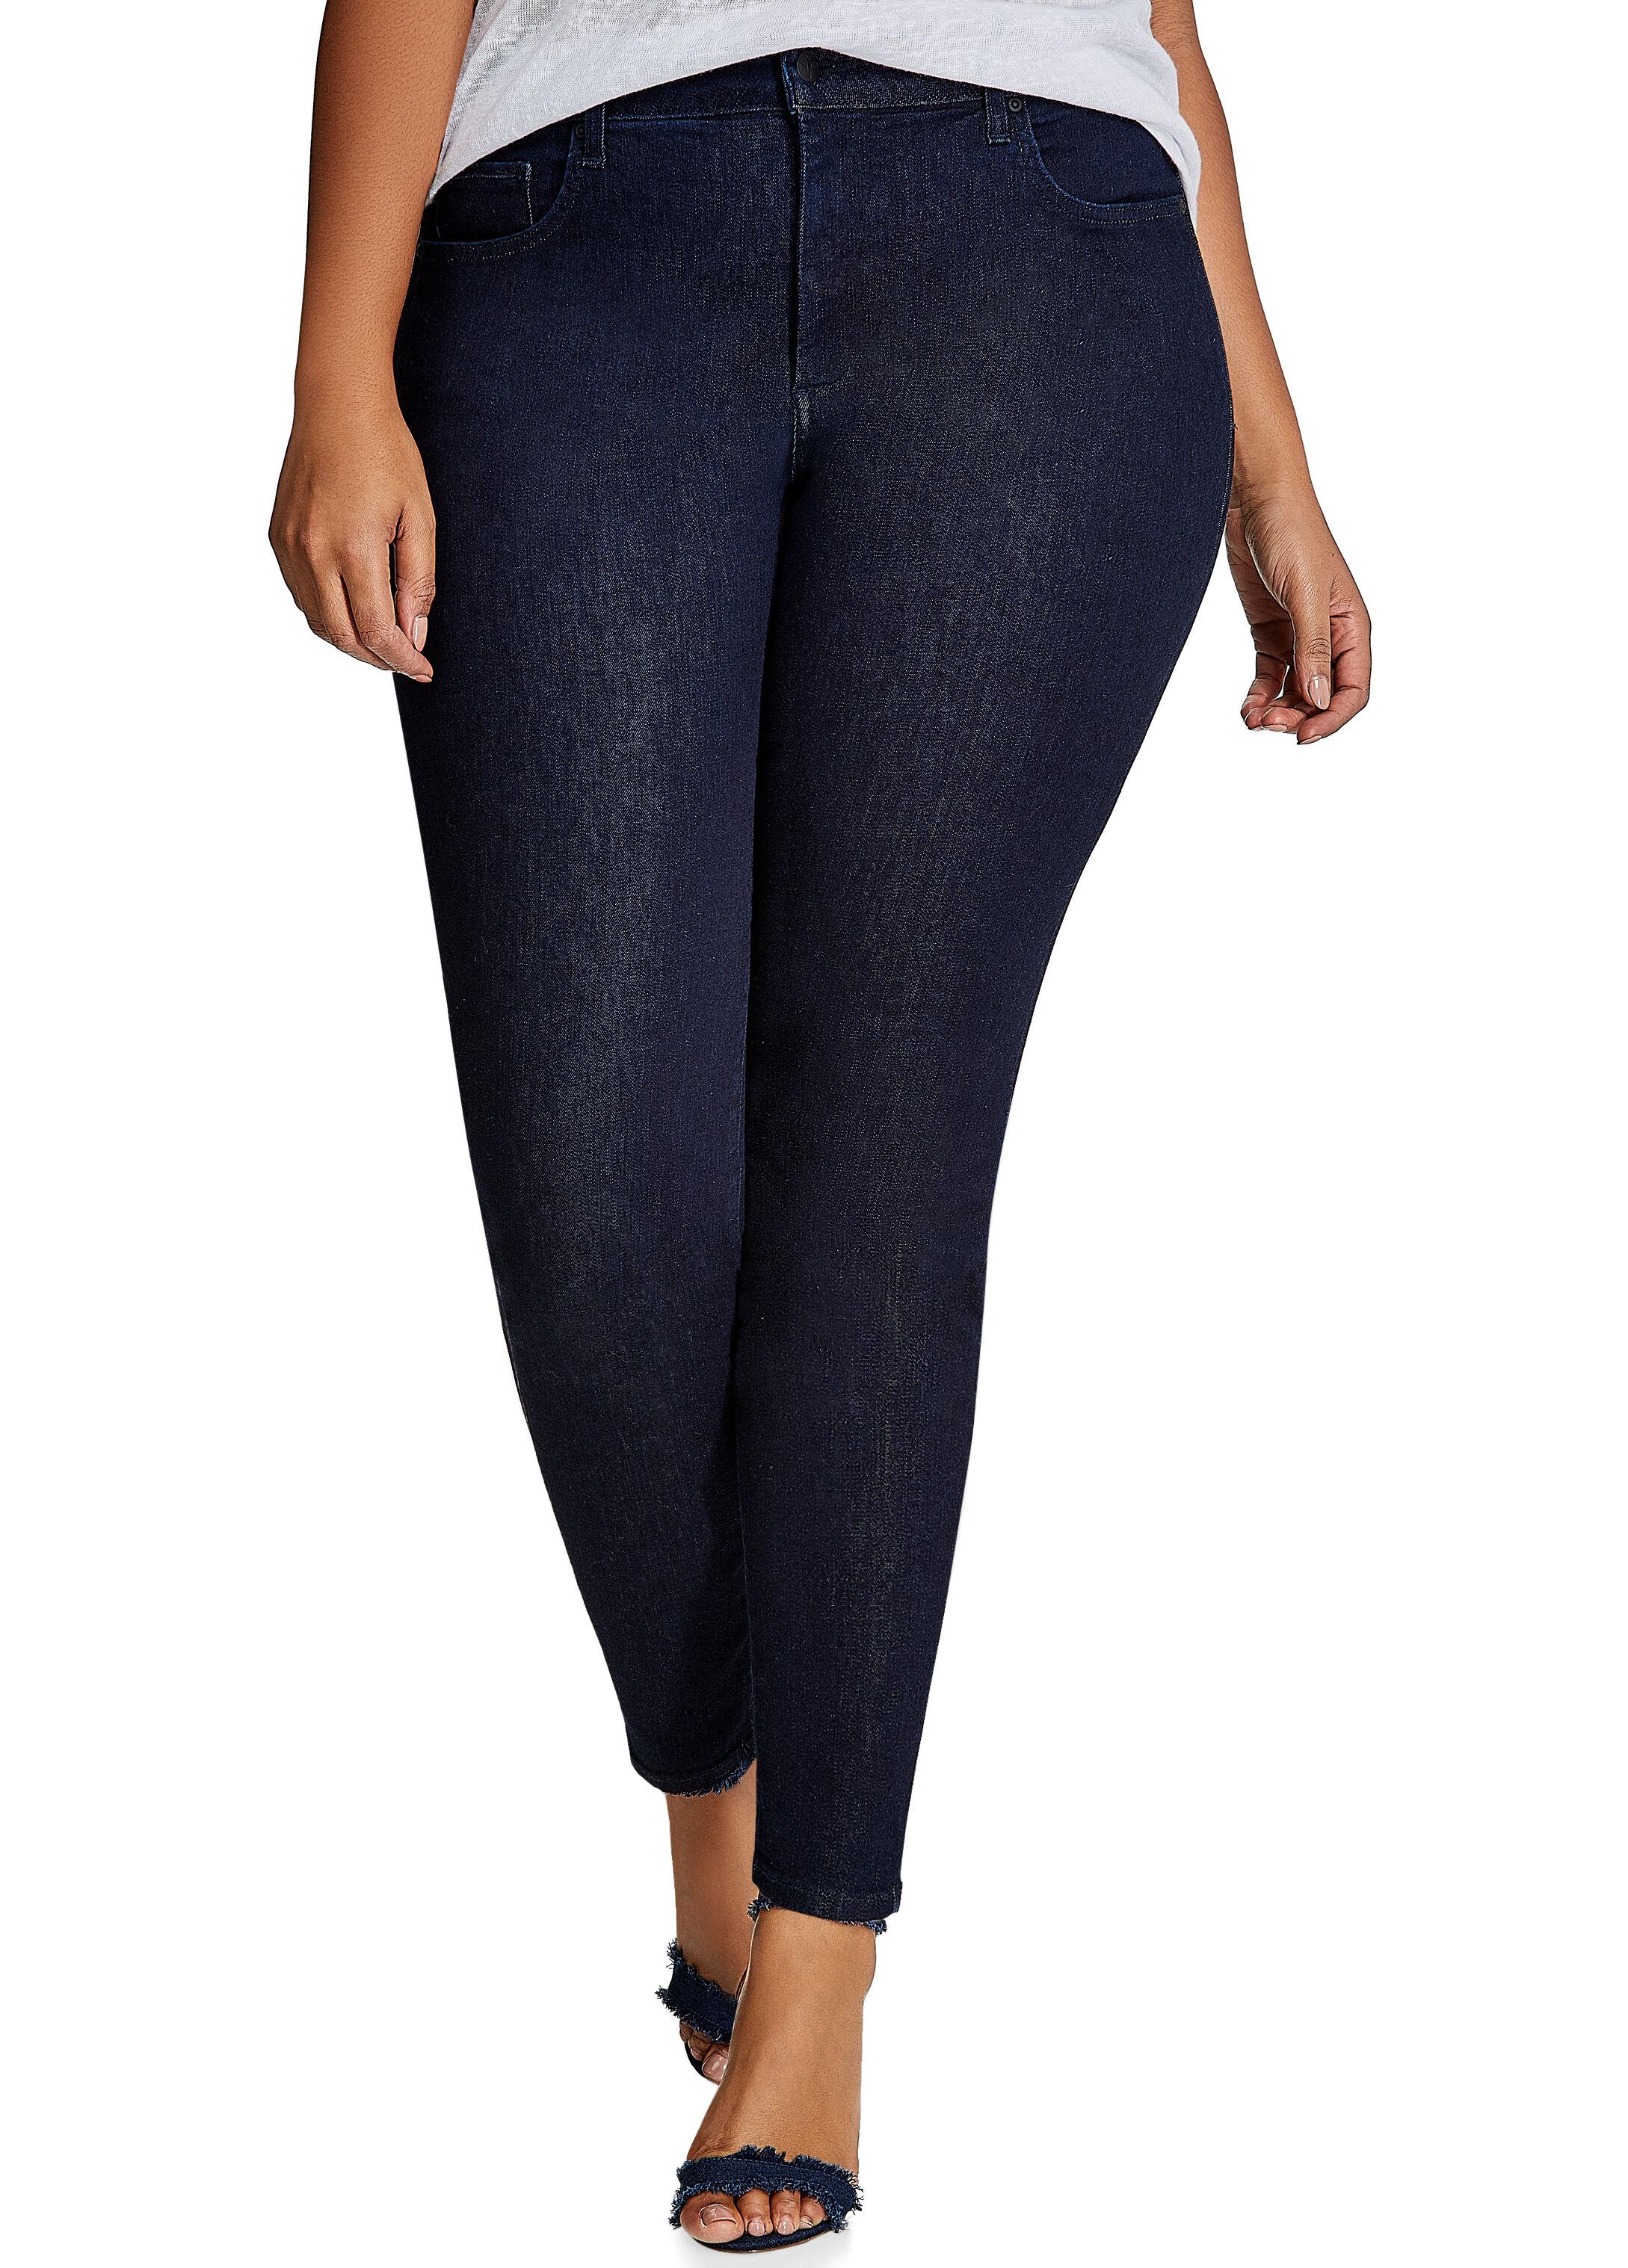 NYDJ Ami Skinny Legging Jean